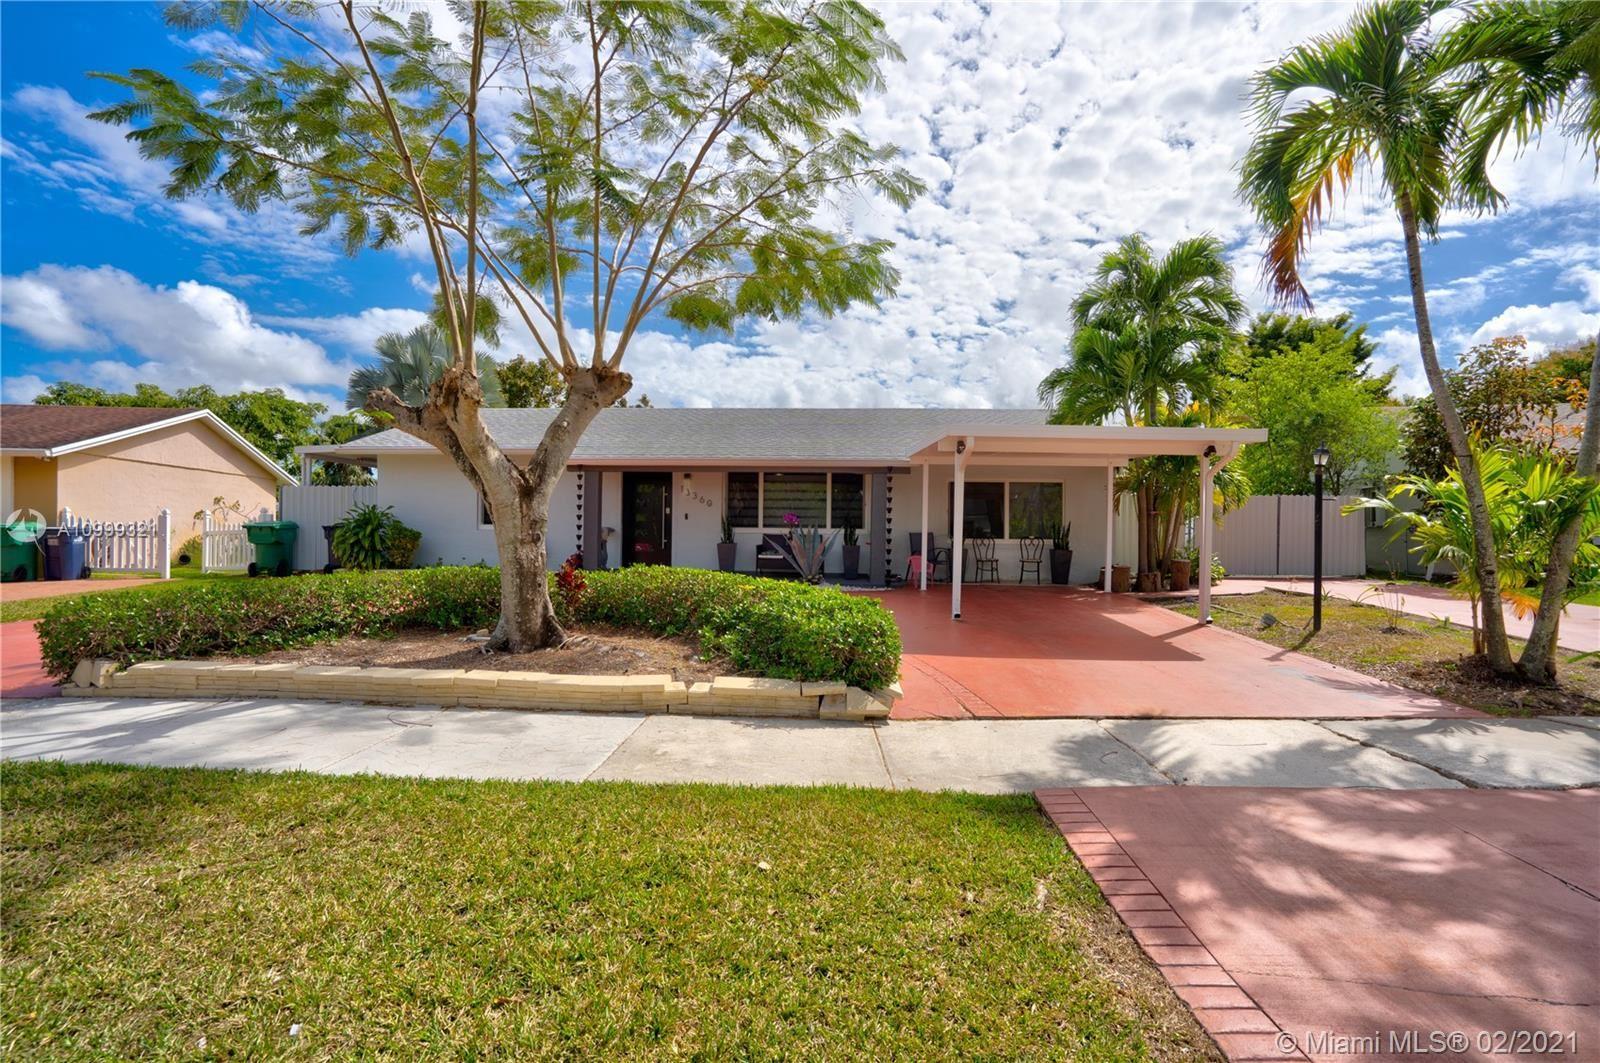 13360 SW 52nd St, Miami, FL 33175 - #: A10999321